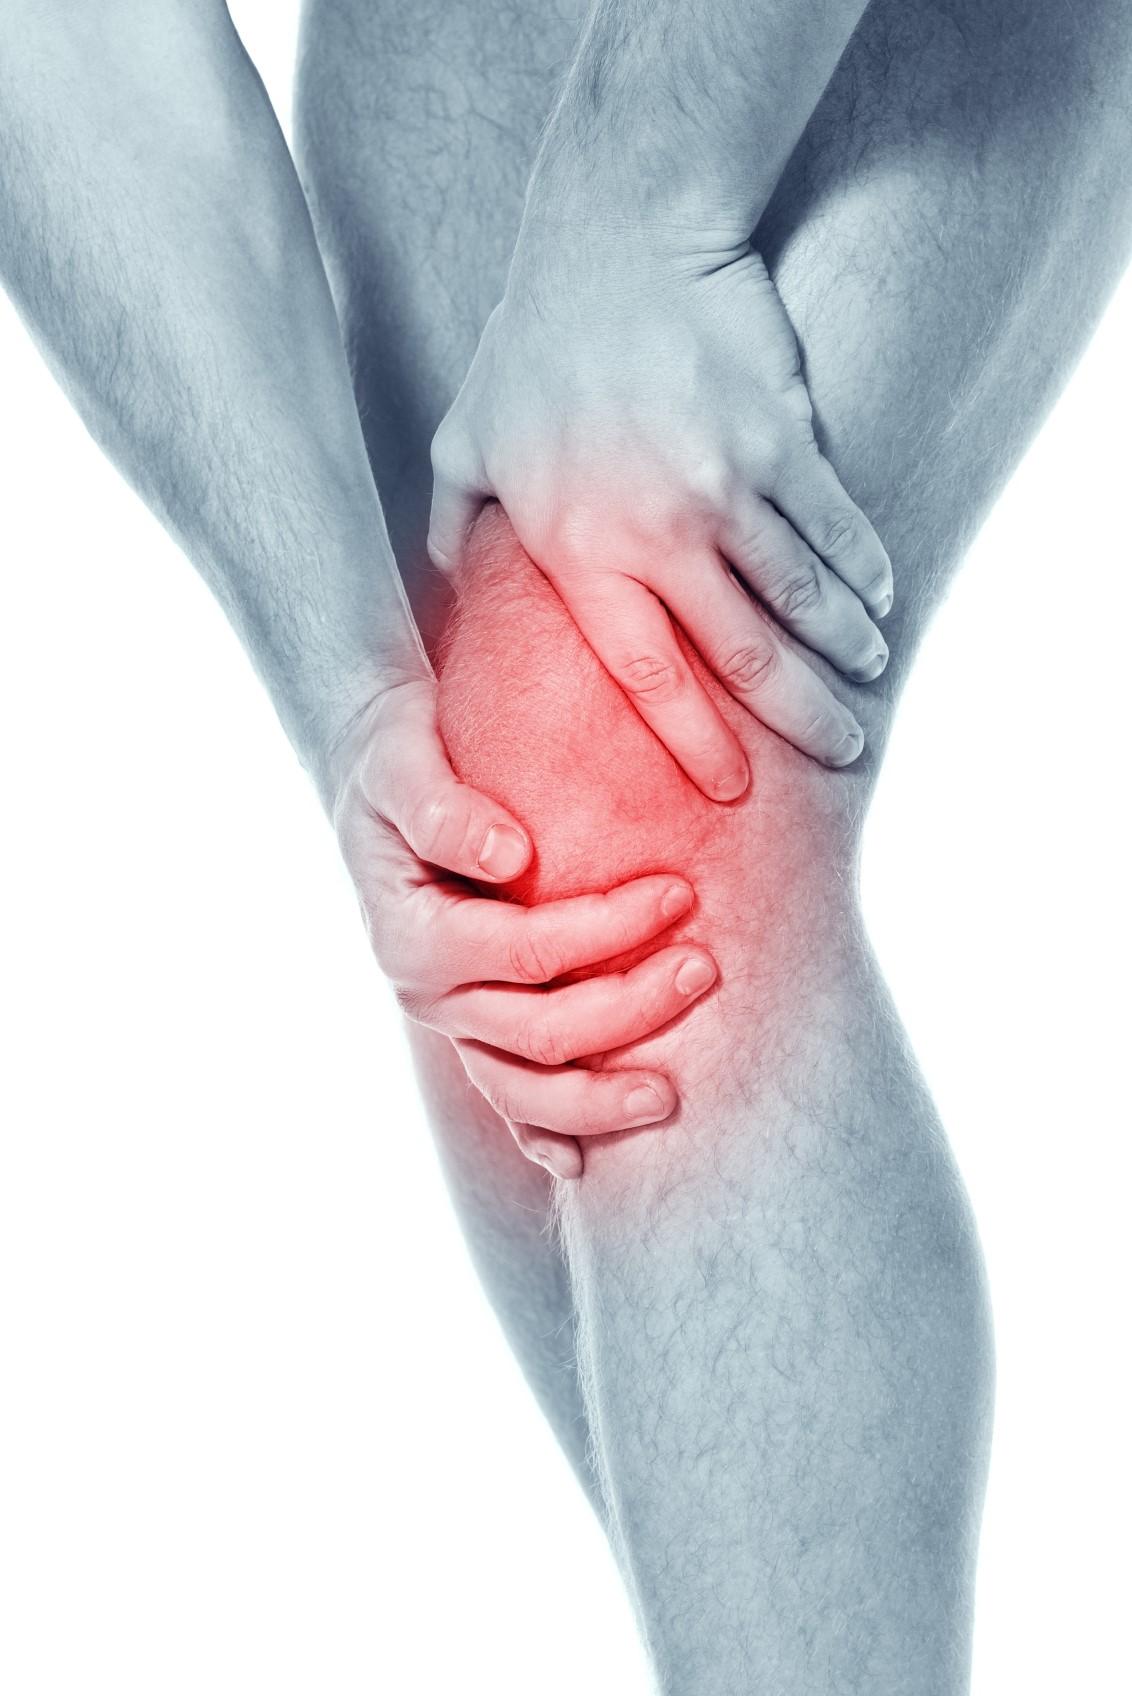 Rheumatismi artriidi artroosi Ravimite ravi Artroosi 2 olaosa kraadi